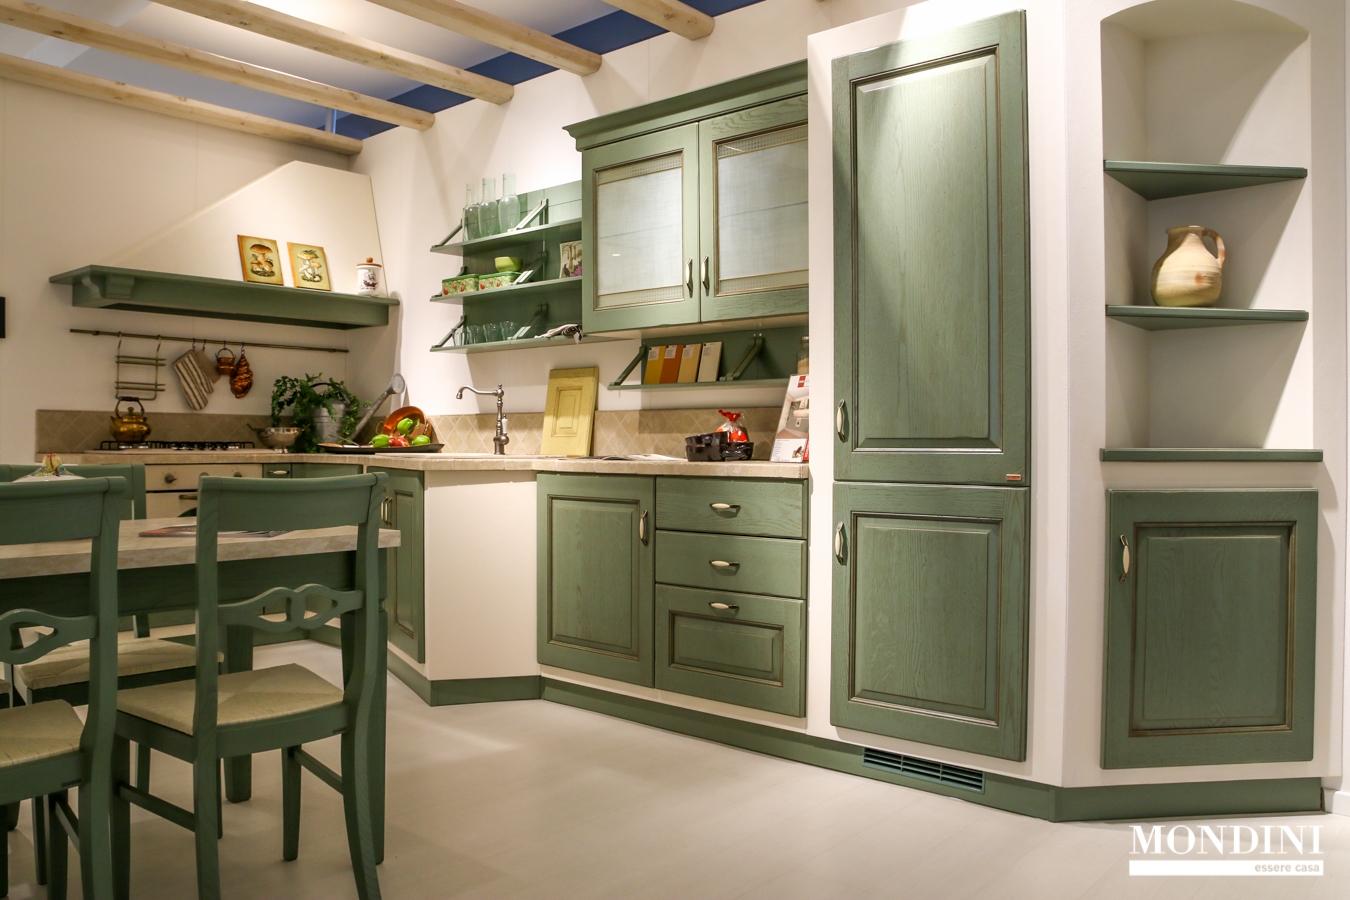 Cucina angolare scavolini in muratura scontata del 51 cucine a prezzi scontati - Cucine muratura scavolini ...